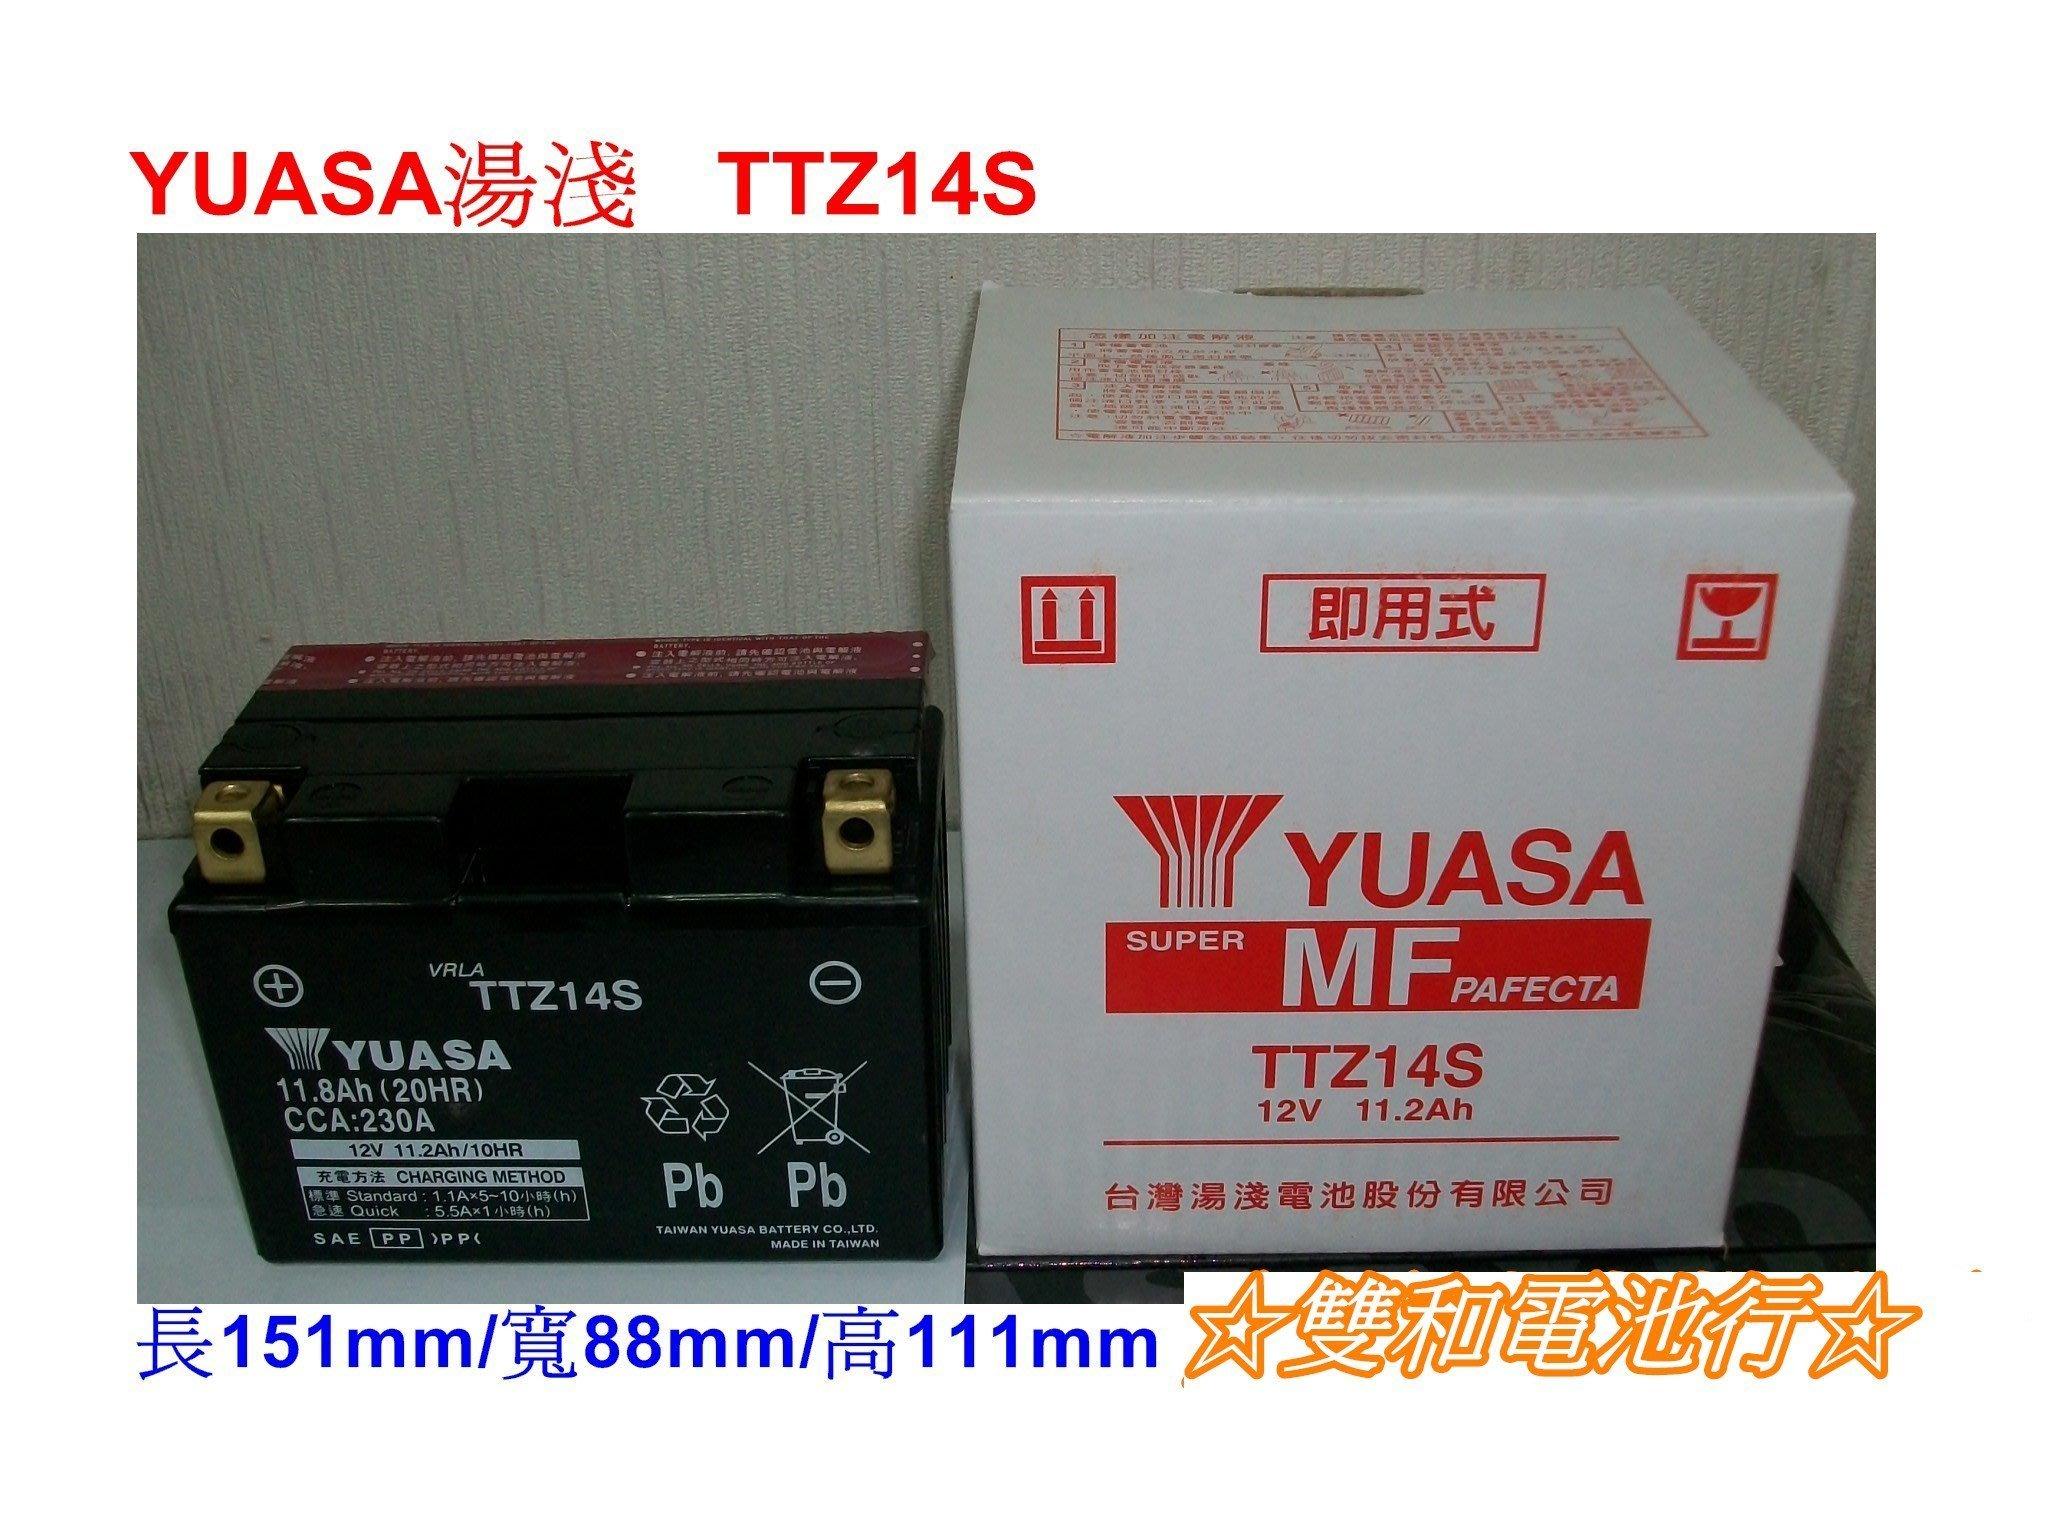 ☆雙和電池☆YUASA湯淺機車電池 TTZ14S=YTZ14S(TTZ12S加強)大型重型機車專用